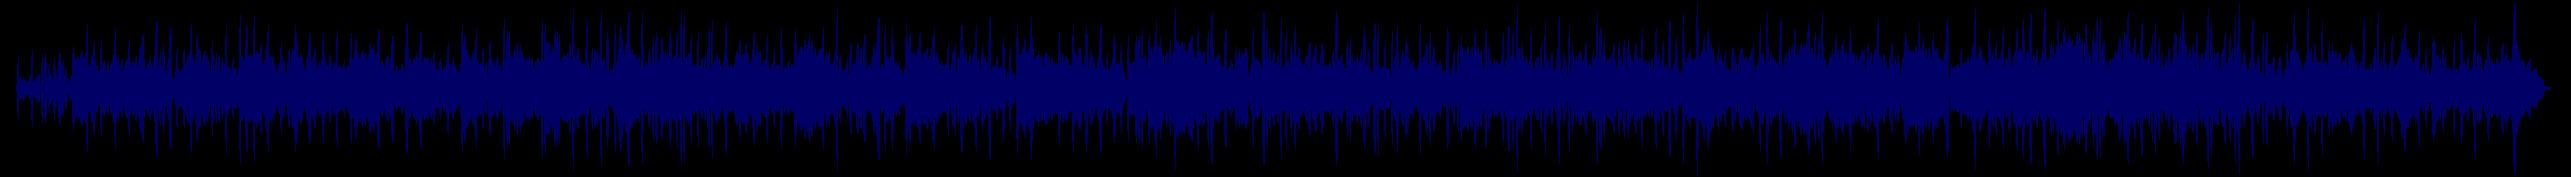 waveform of track #66195